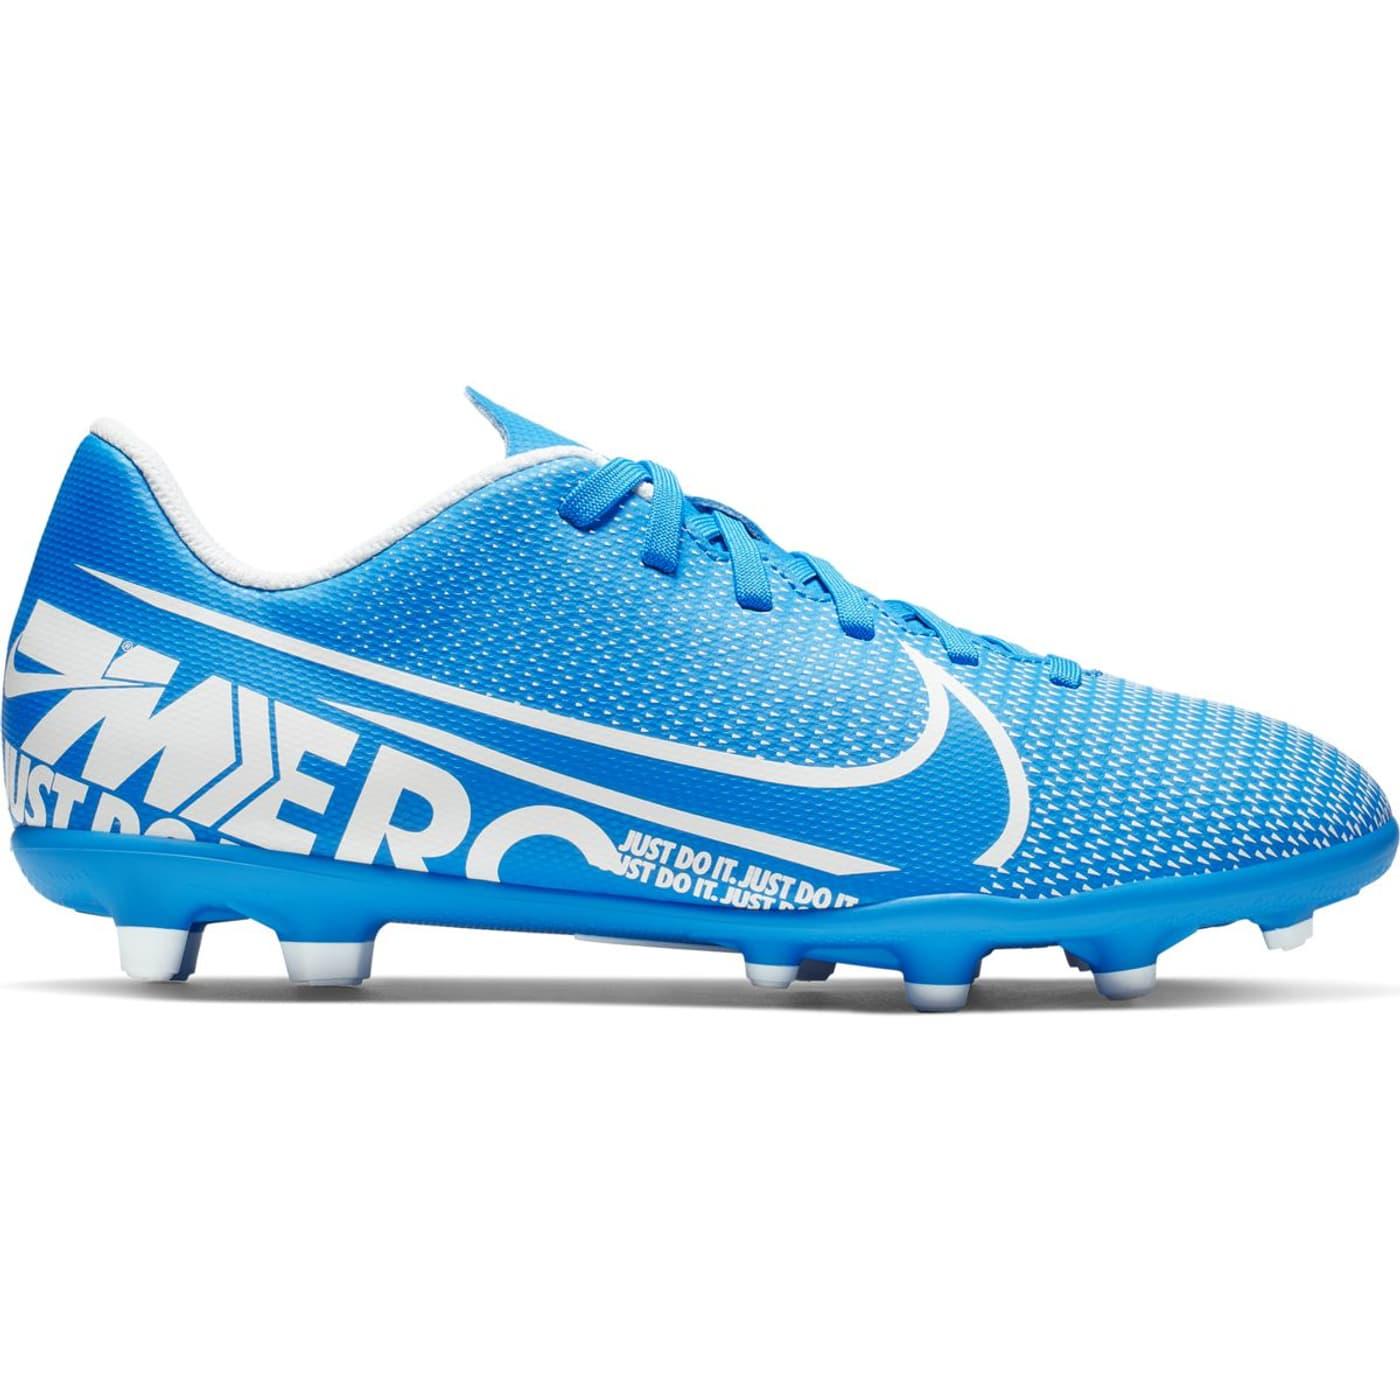 2019 prezzo all'ingrosso ordinare on-line le migliori scarpe Nike Mercurial Vapor 13 Scarpa da calcio bambino | Migros